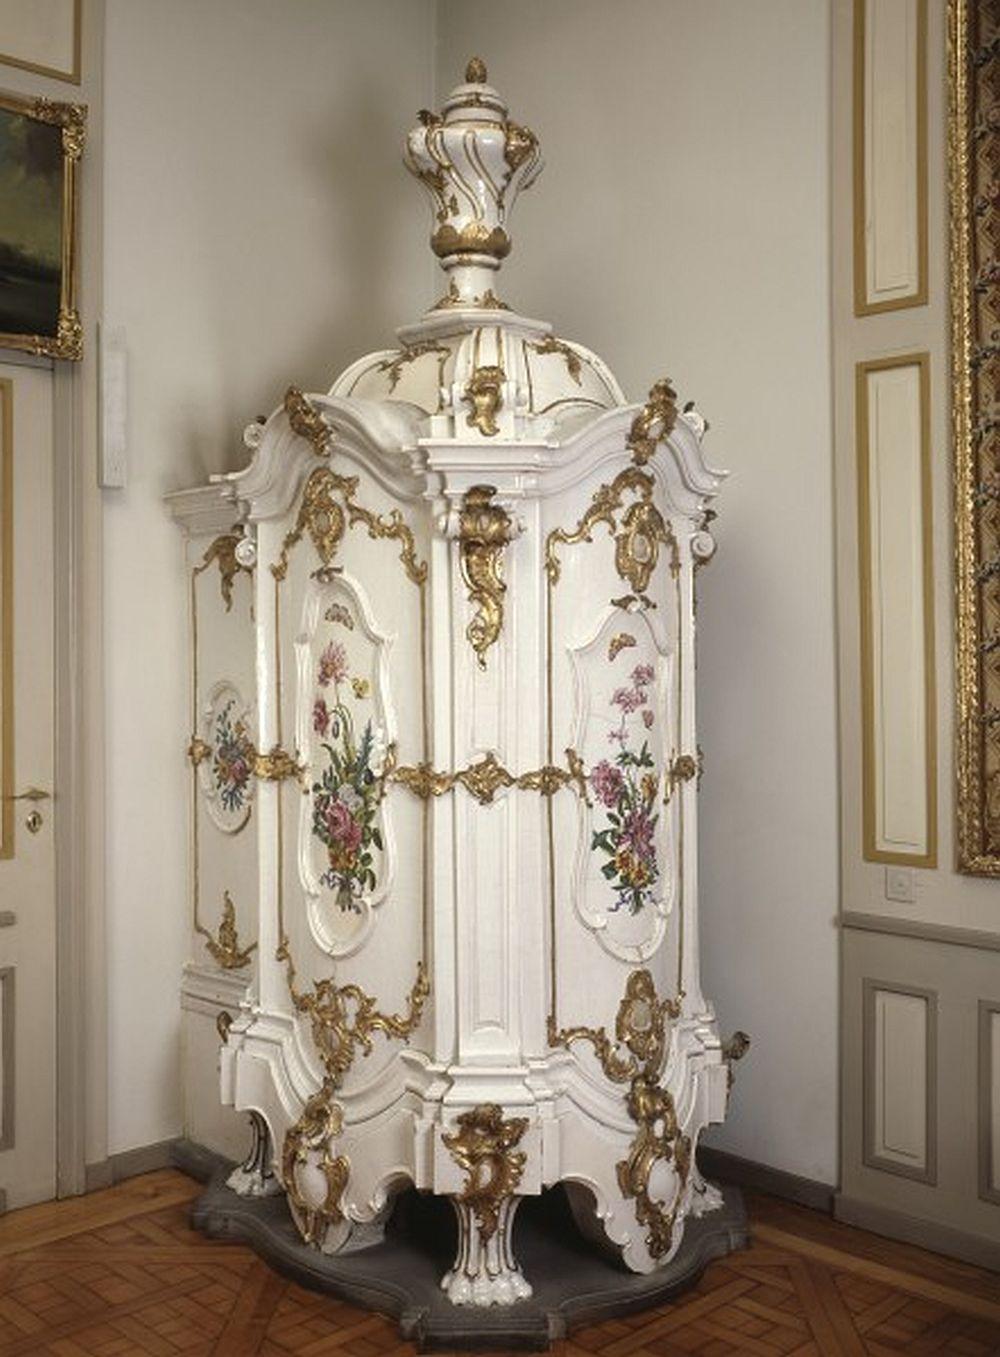 Sobă din Strasbourg din cahle, probabil realizată în atelierul lui François-Paul Acker și decorată la  Paul Hannong Manufactory în 1748–1753. Soba are dimensiunile H 316, lățime 115 și adâncime 162 cm.